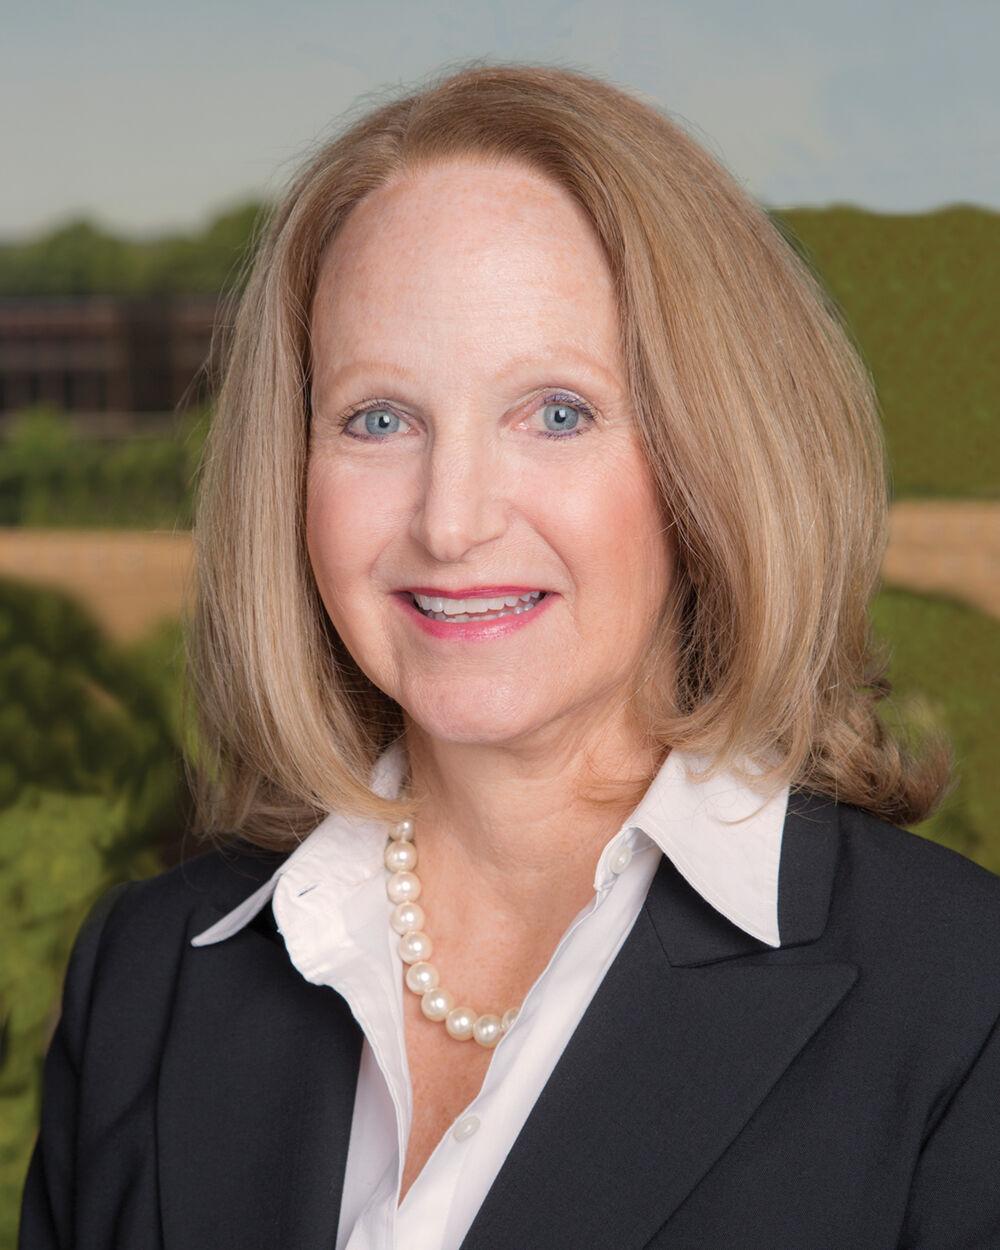 Managing Director of Tennessee Business Brokers - Karen Schorkopf